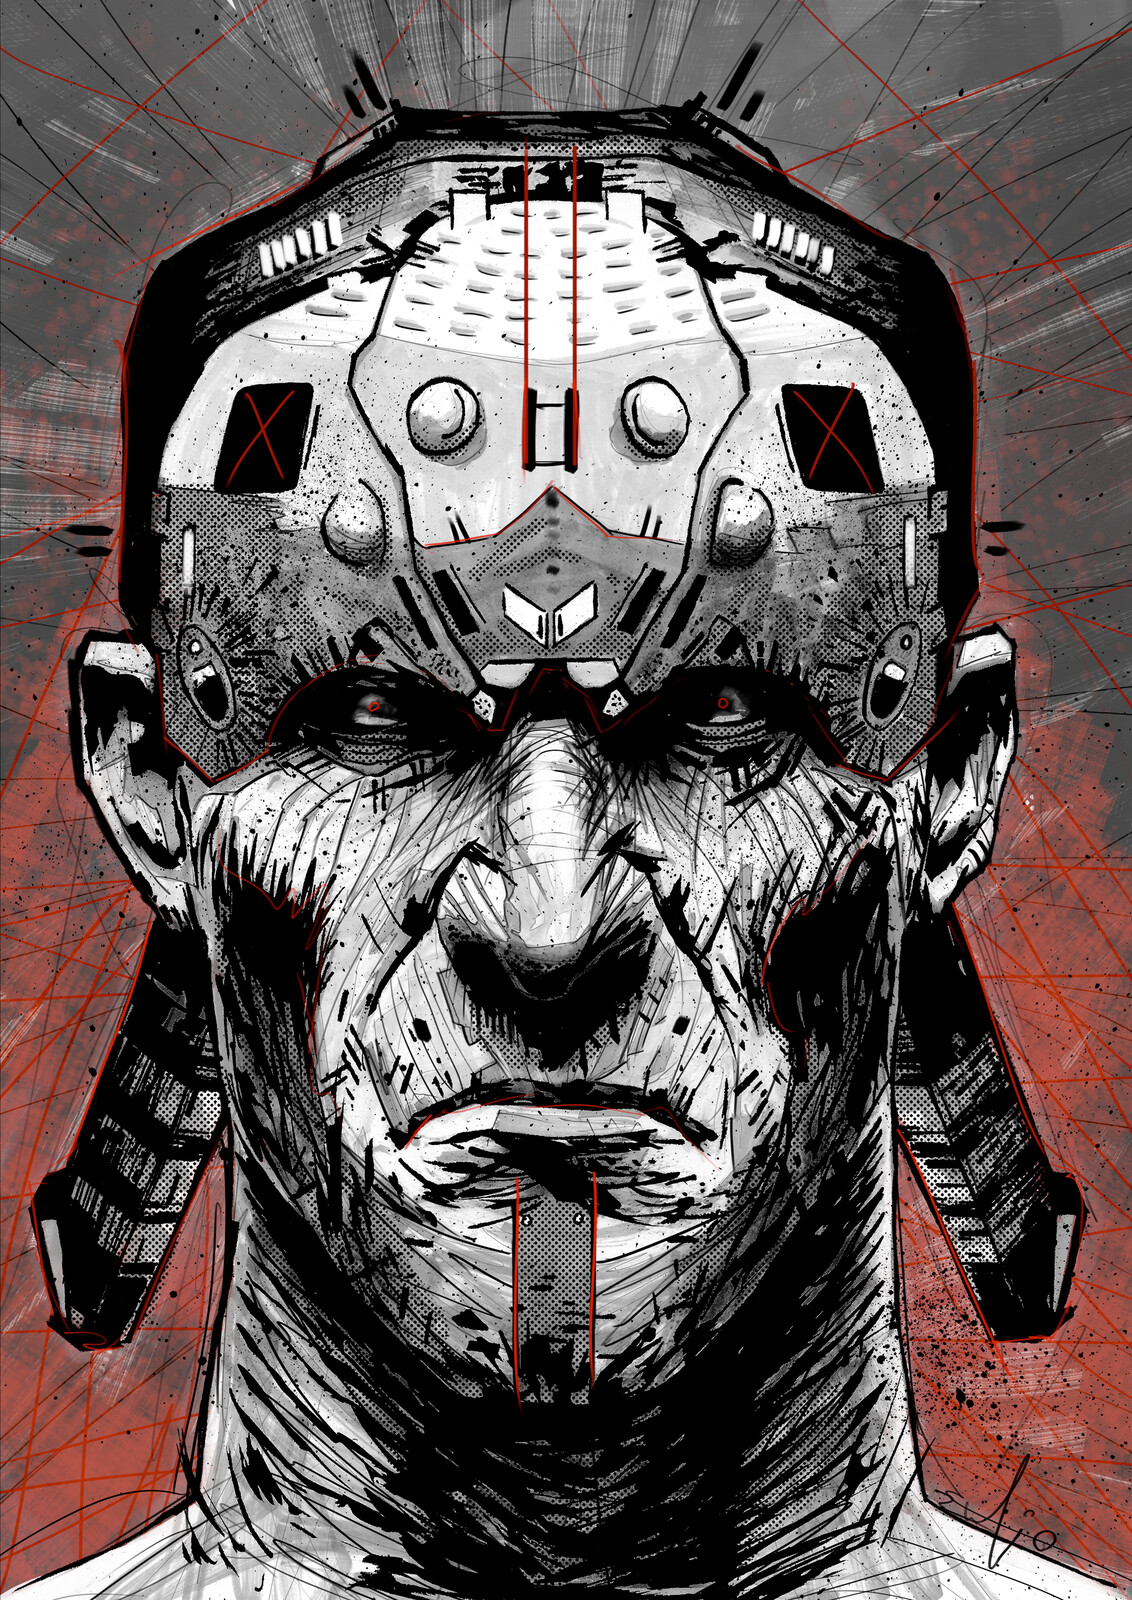 Lz Face 009 // SIOUx-BORG